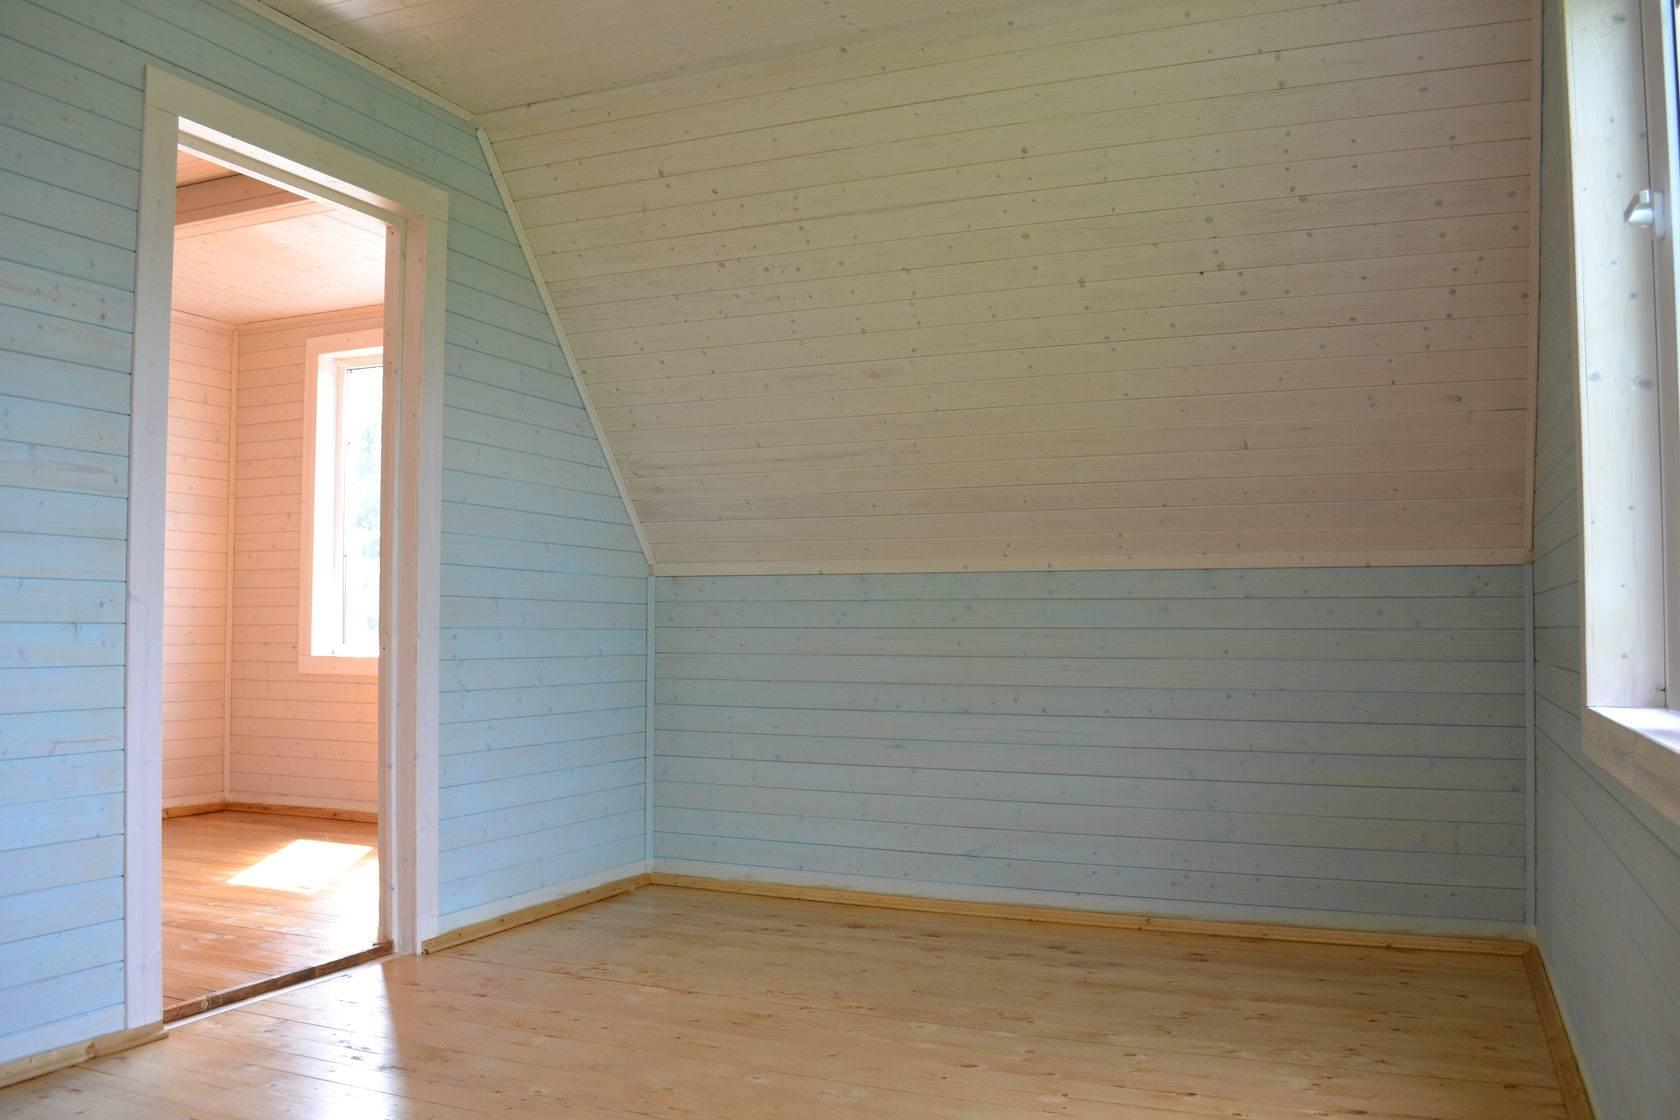 Узнаем, чем правильно покрасить вагонку внутри дома на даче